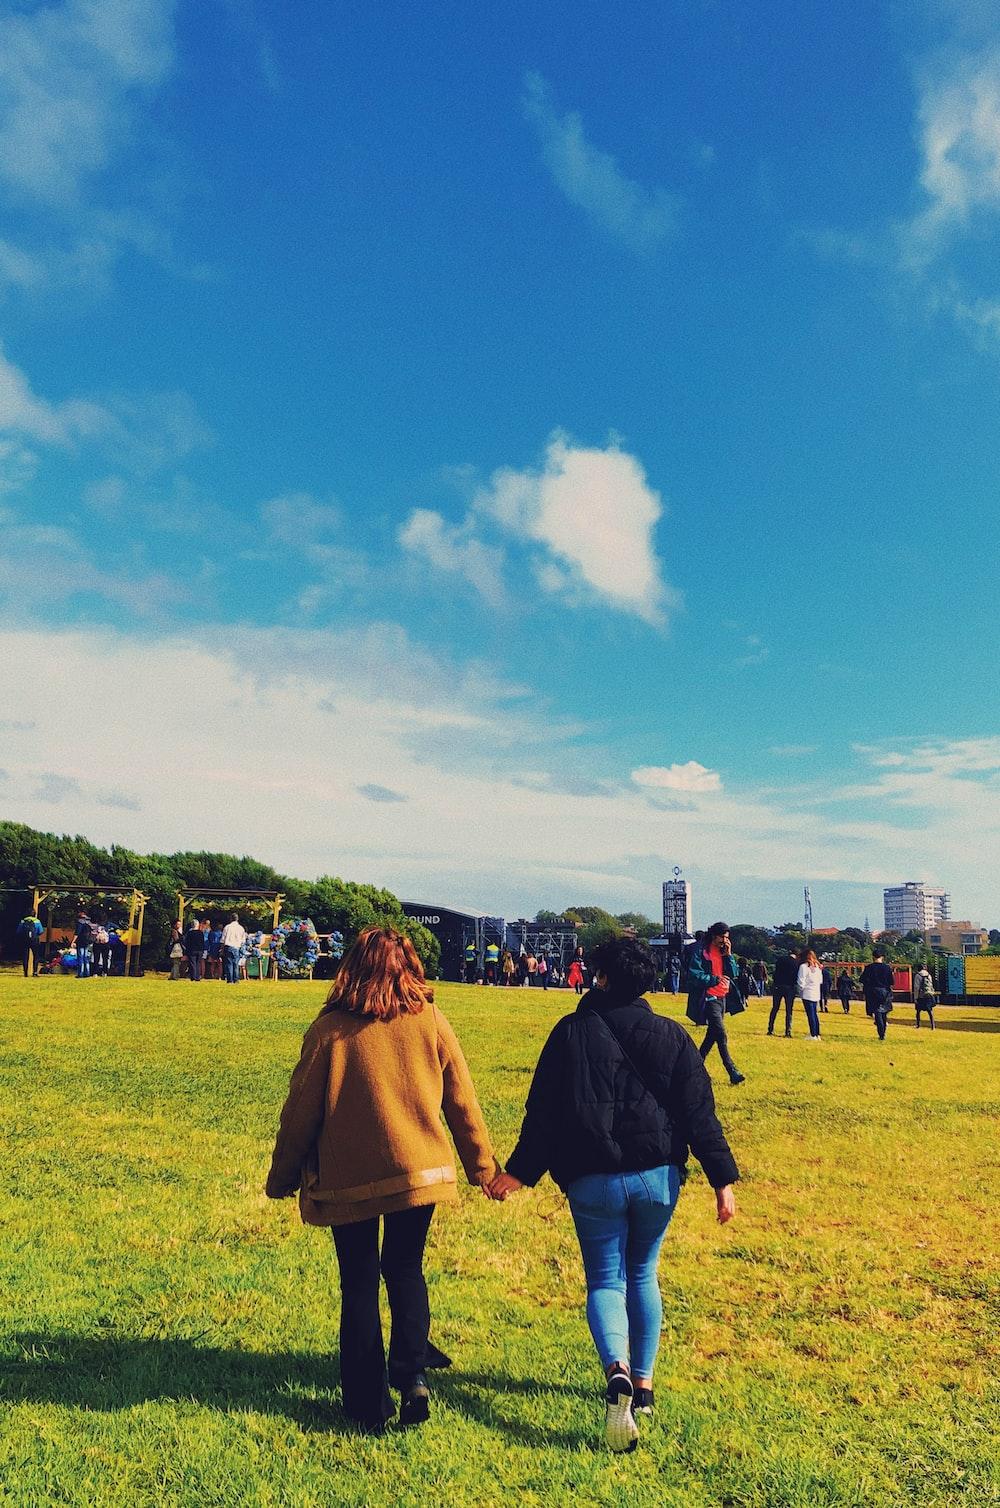 two women walking on grass field